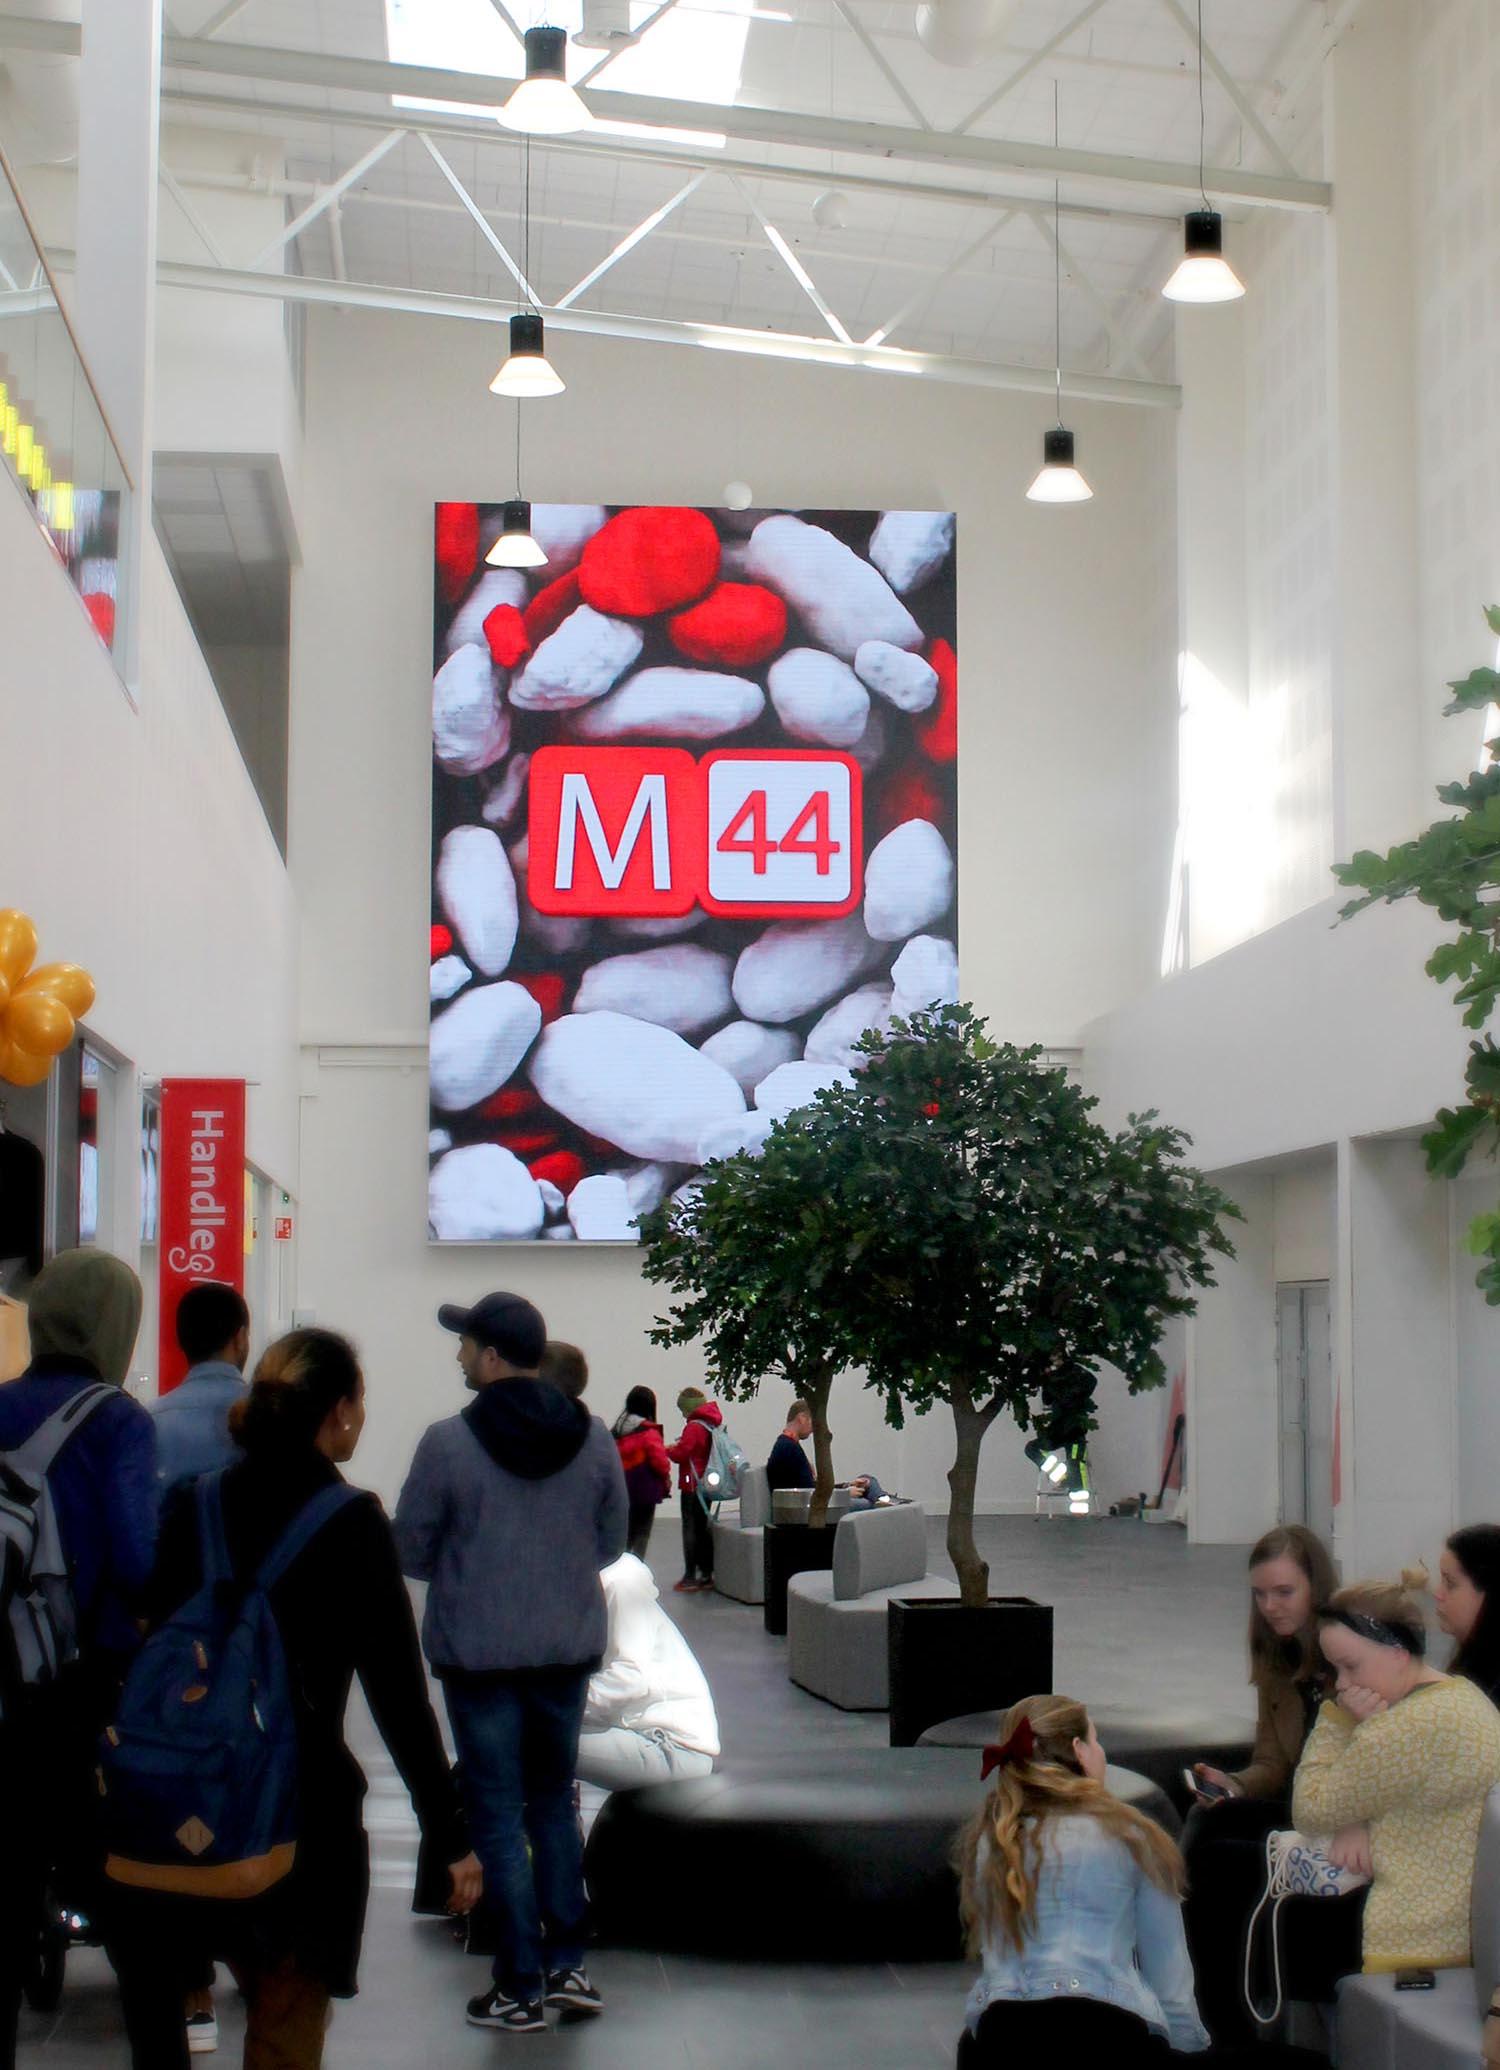 Storsenteret på Jæren, M44, ble utvidet våren 2018. Vi har levert og montert en 35 m² LED skjerm.